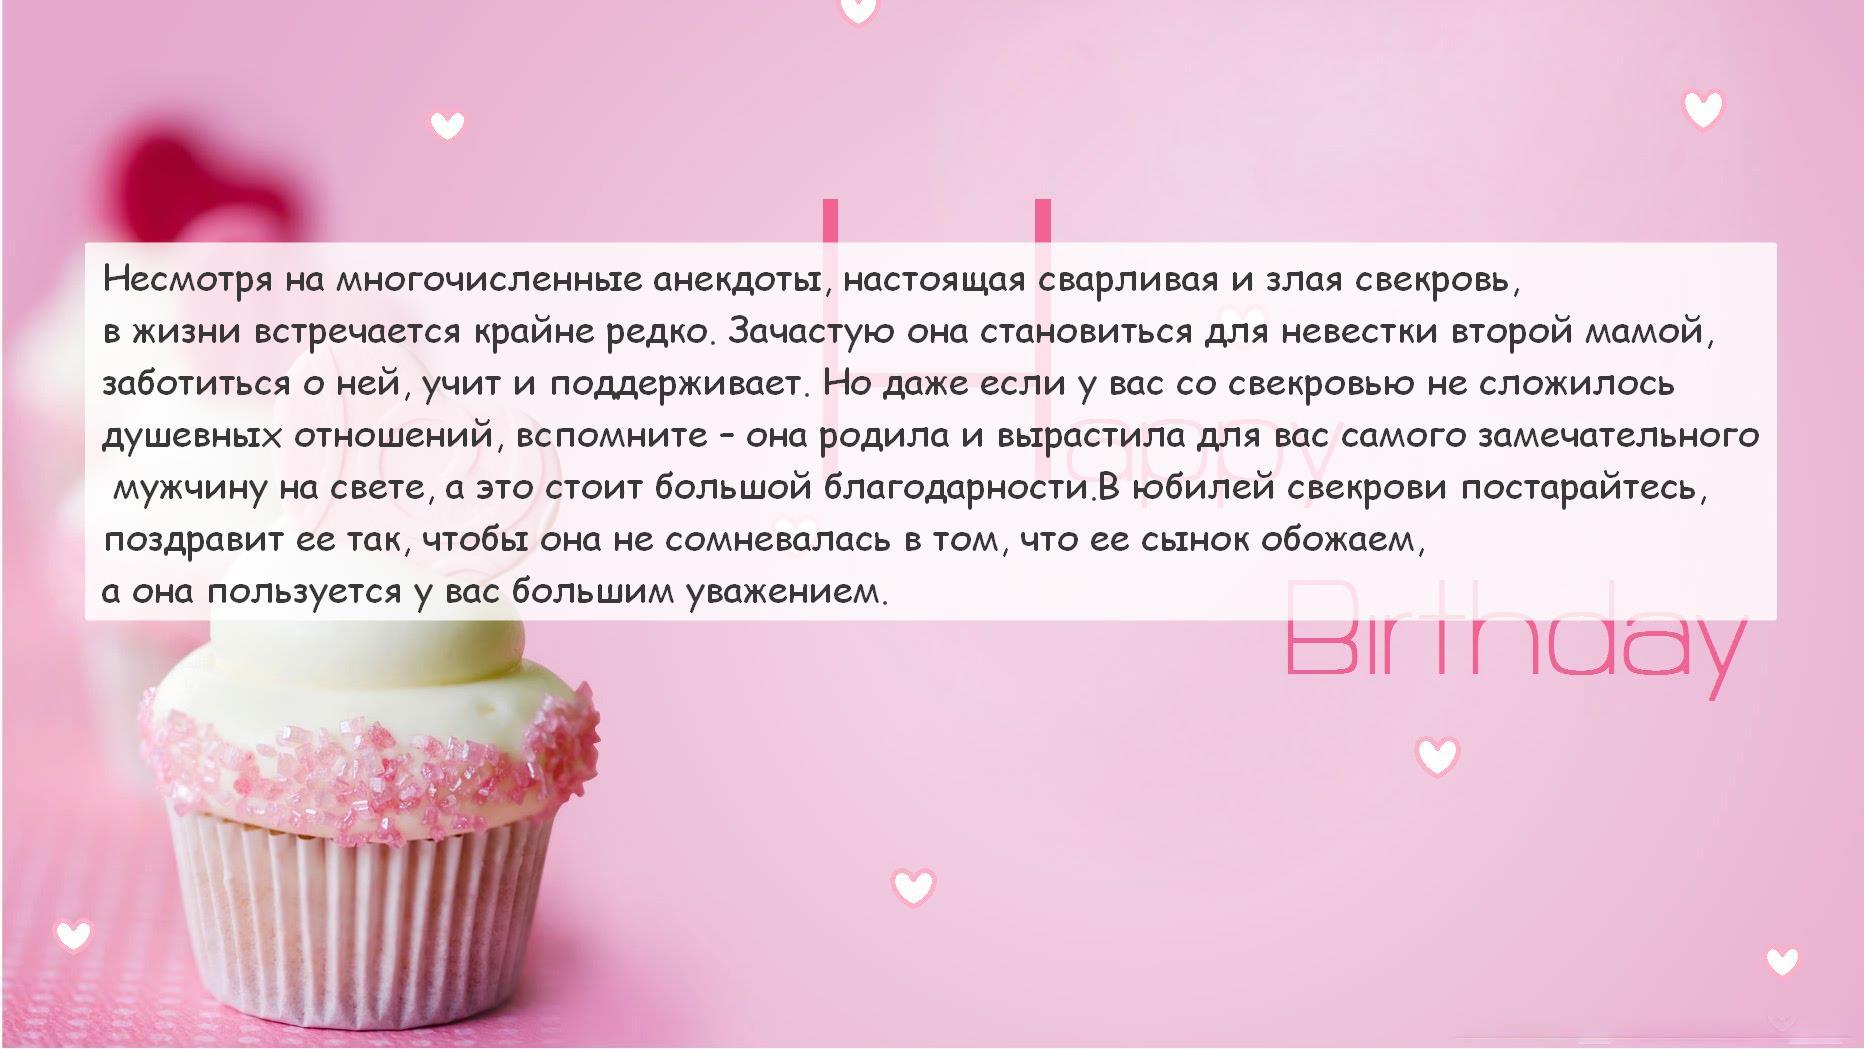 Поздравления с днем рождения свекрови в прозе своими словами от невестки